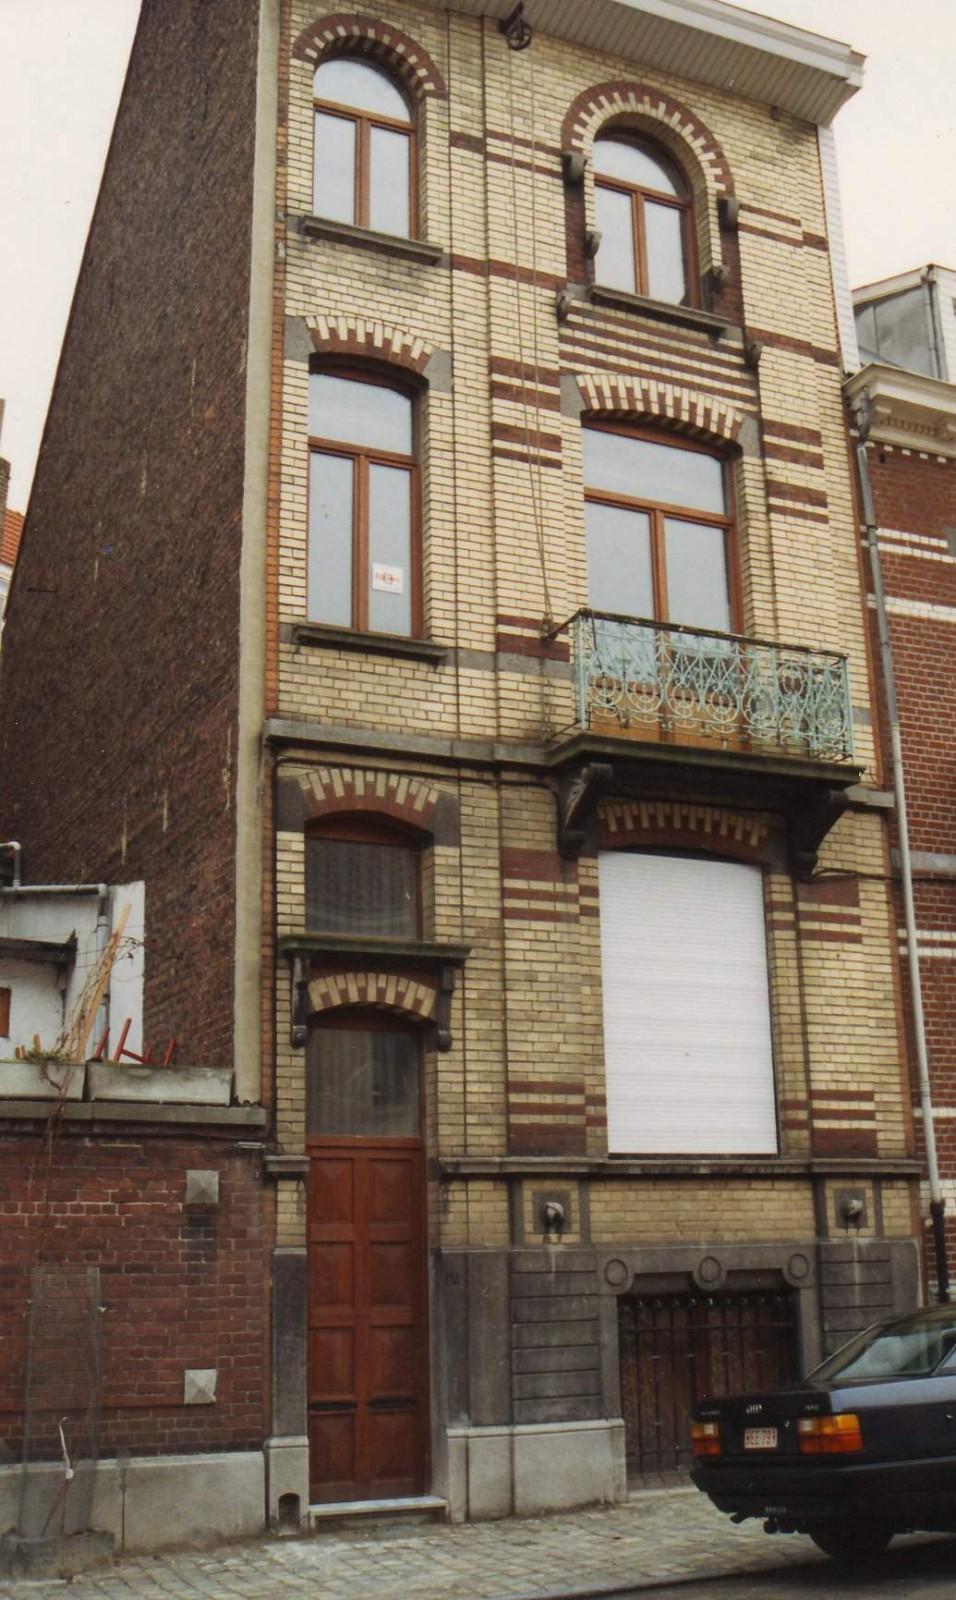 Rue de Haerne 12., 1993